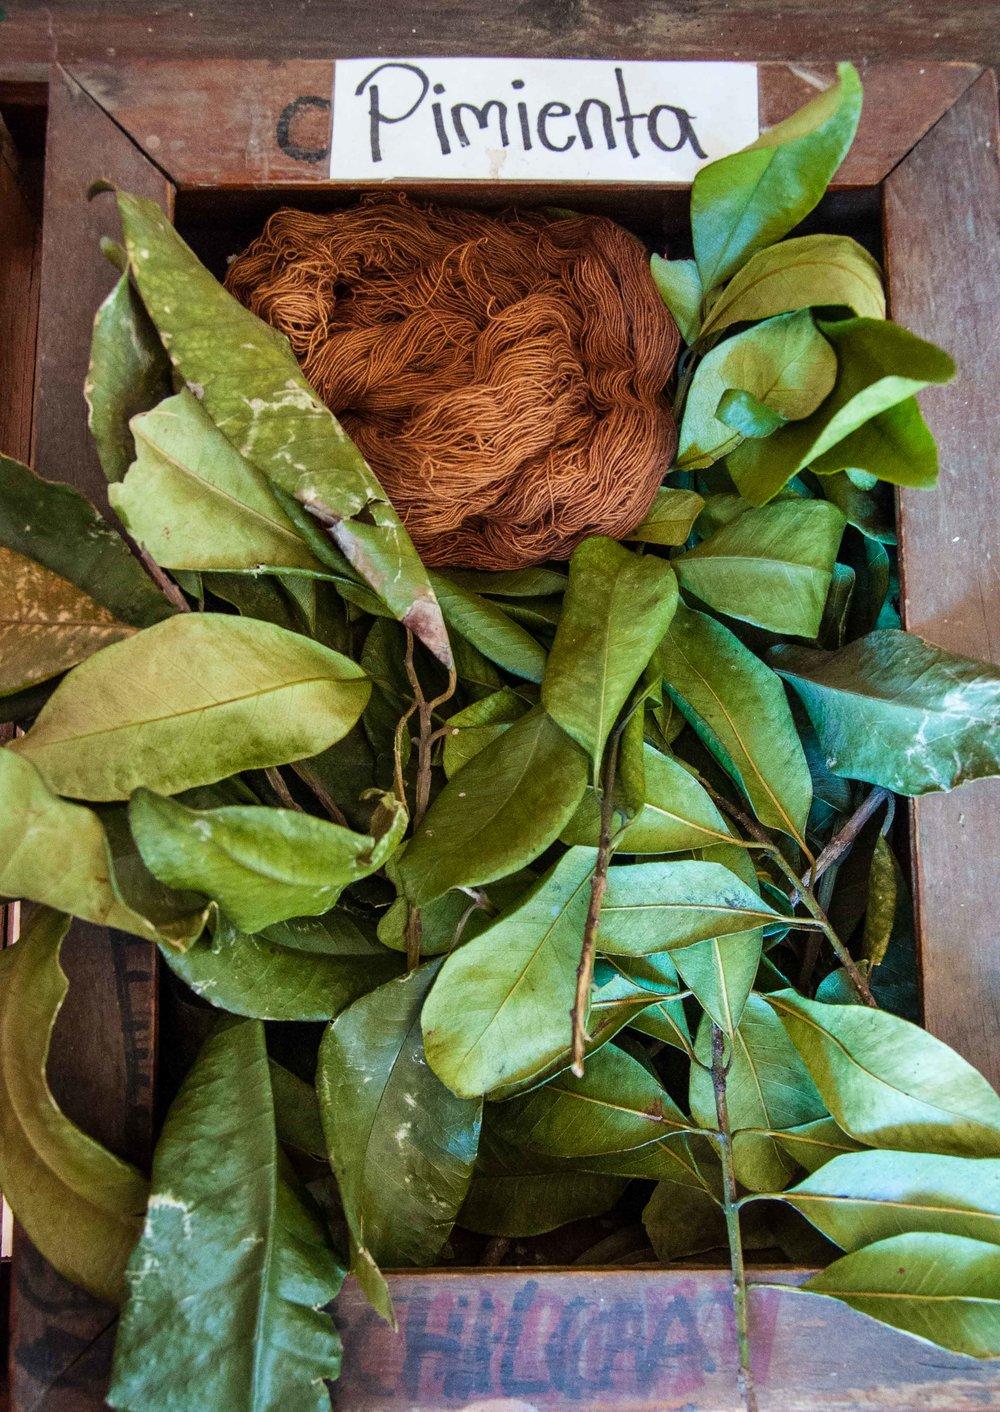 dye-tray-pimienta-0865.jpg